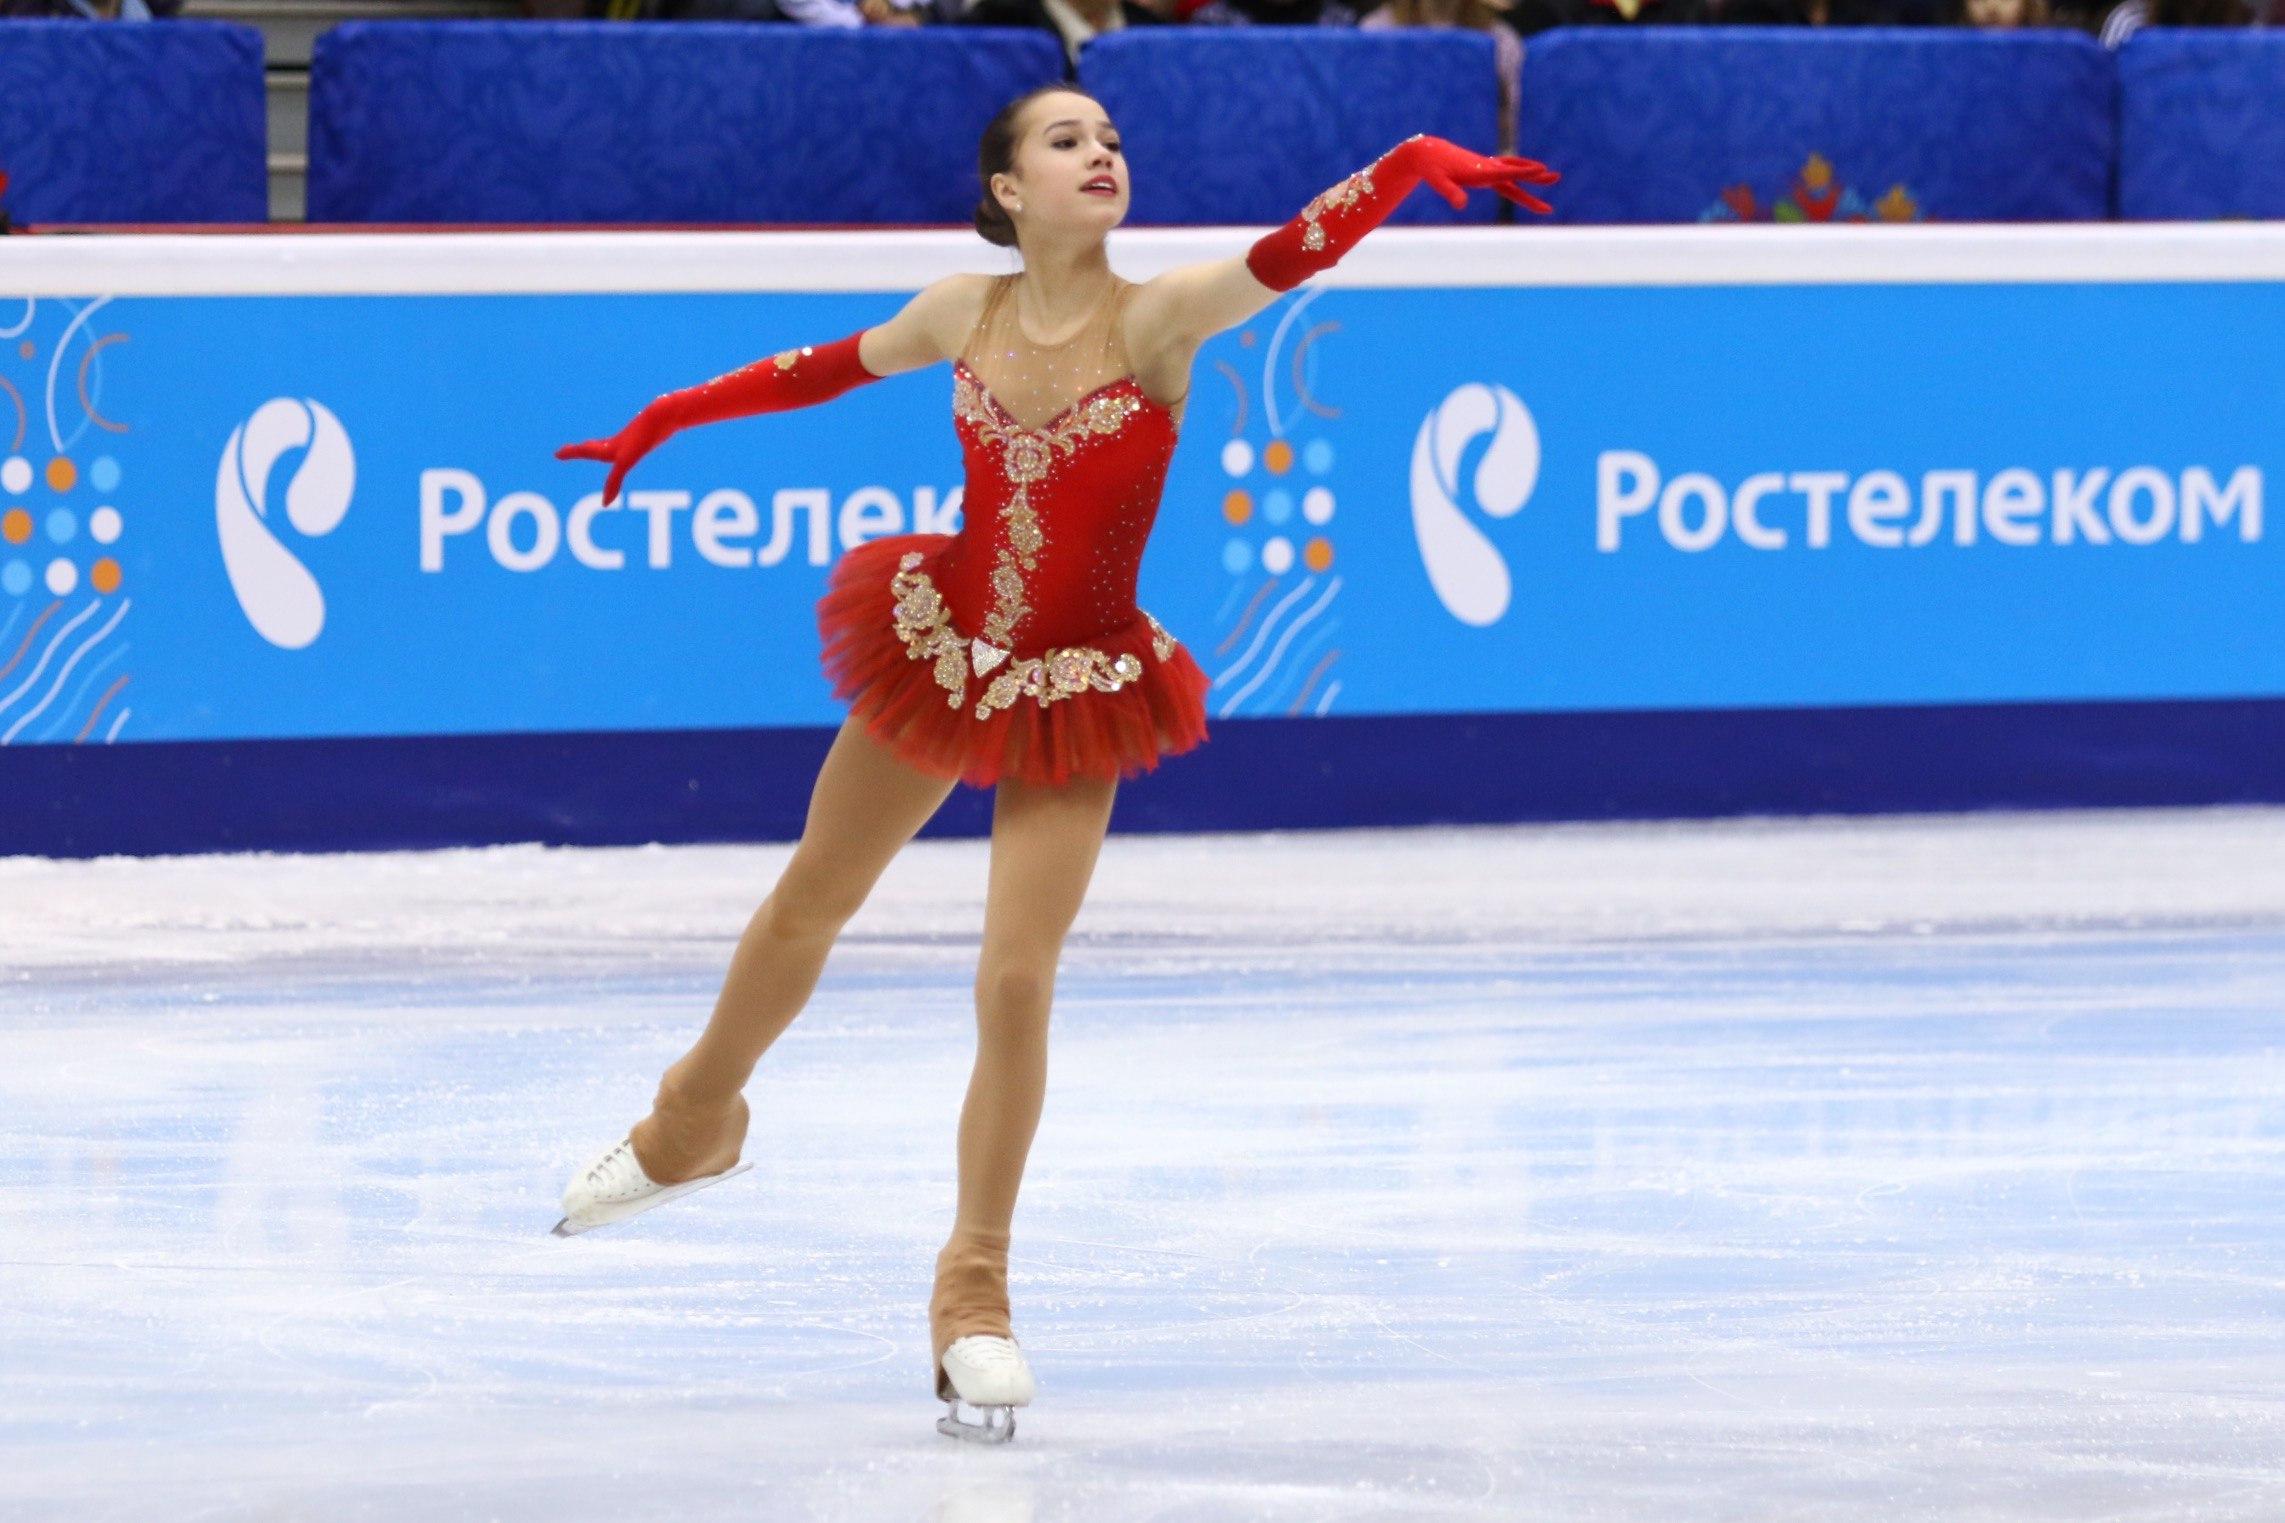 Алина Загитова - новая звезда фигурного катания (26.12.2016)